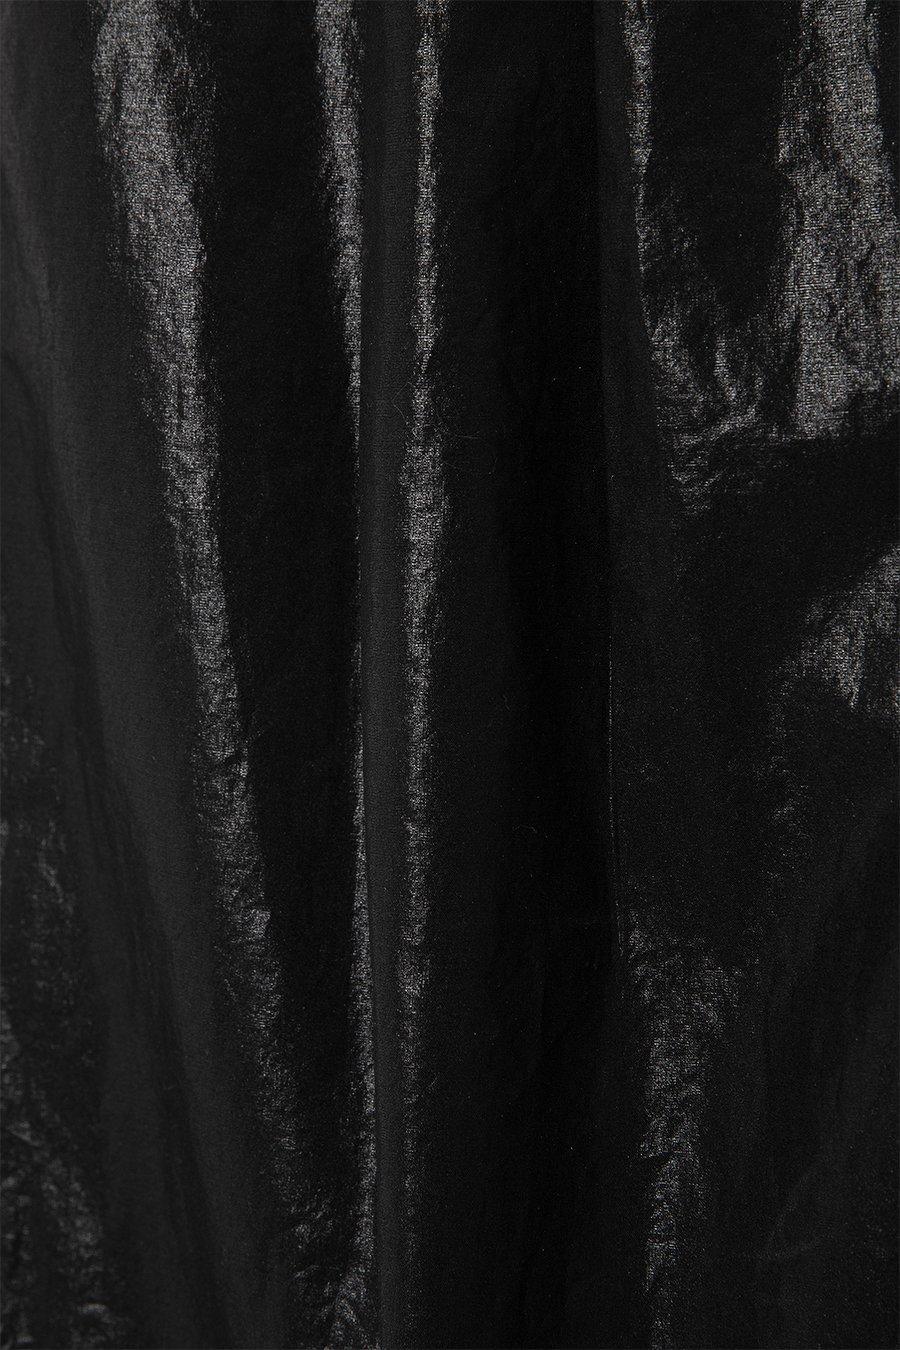 인사일런스 우먼(INSILENCE WOMEN) 버뮤다 와이드 쇼츠 BLACK